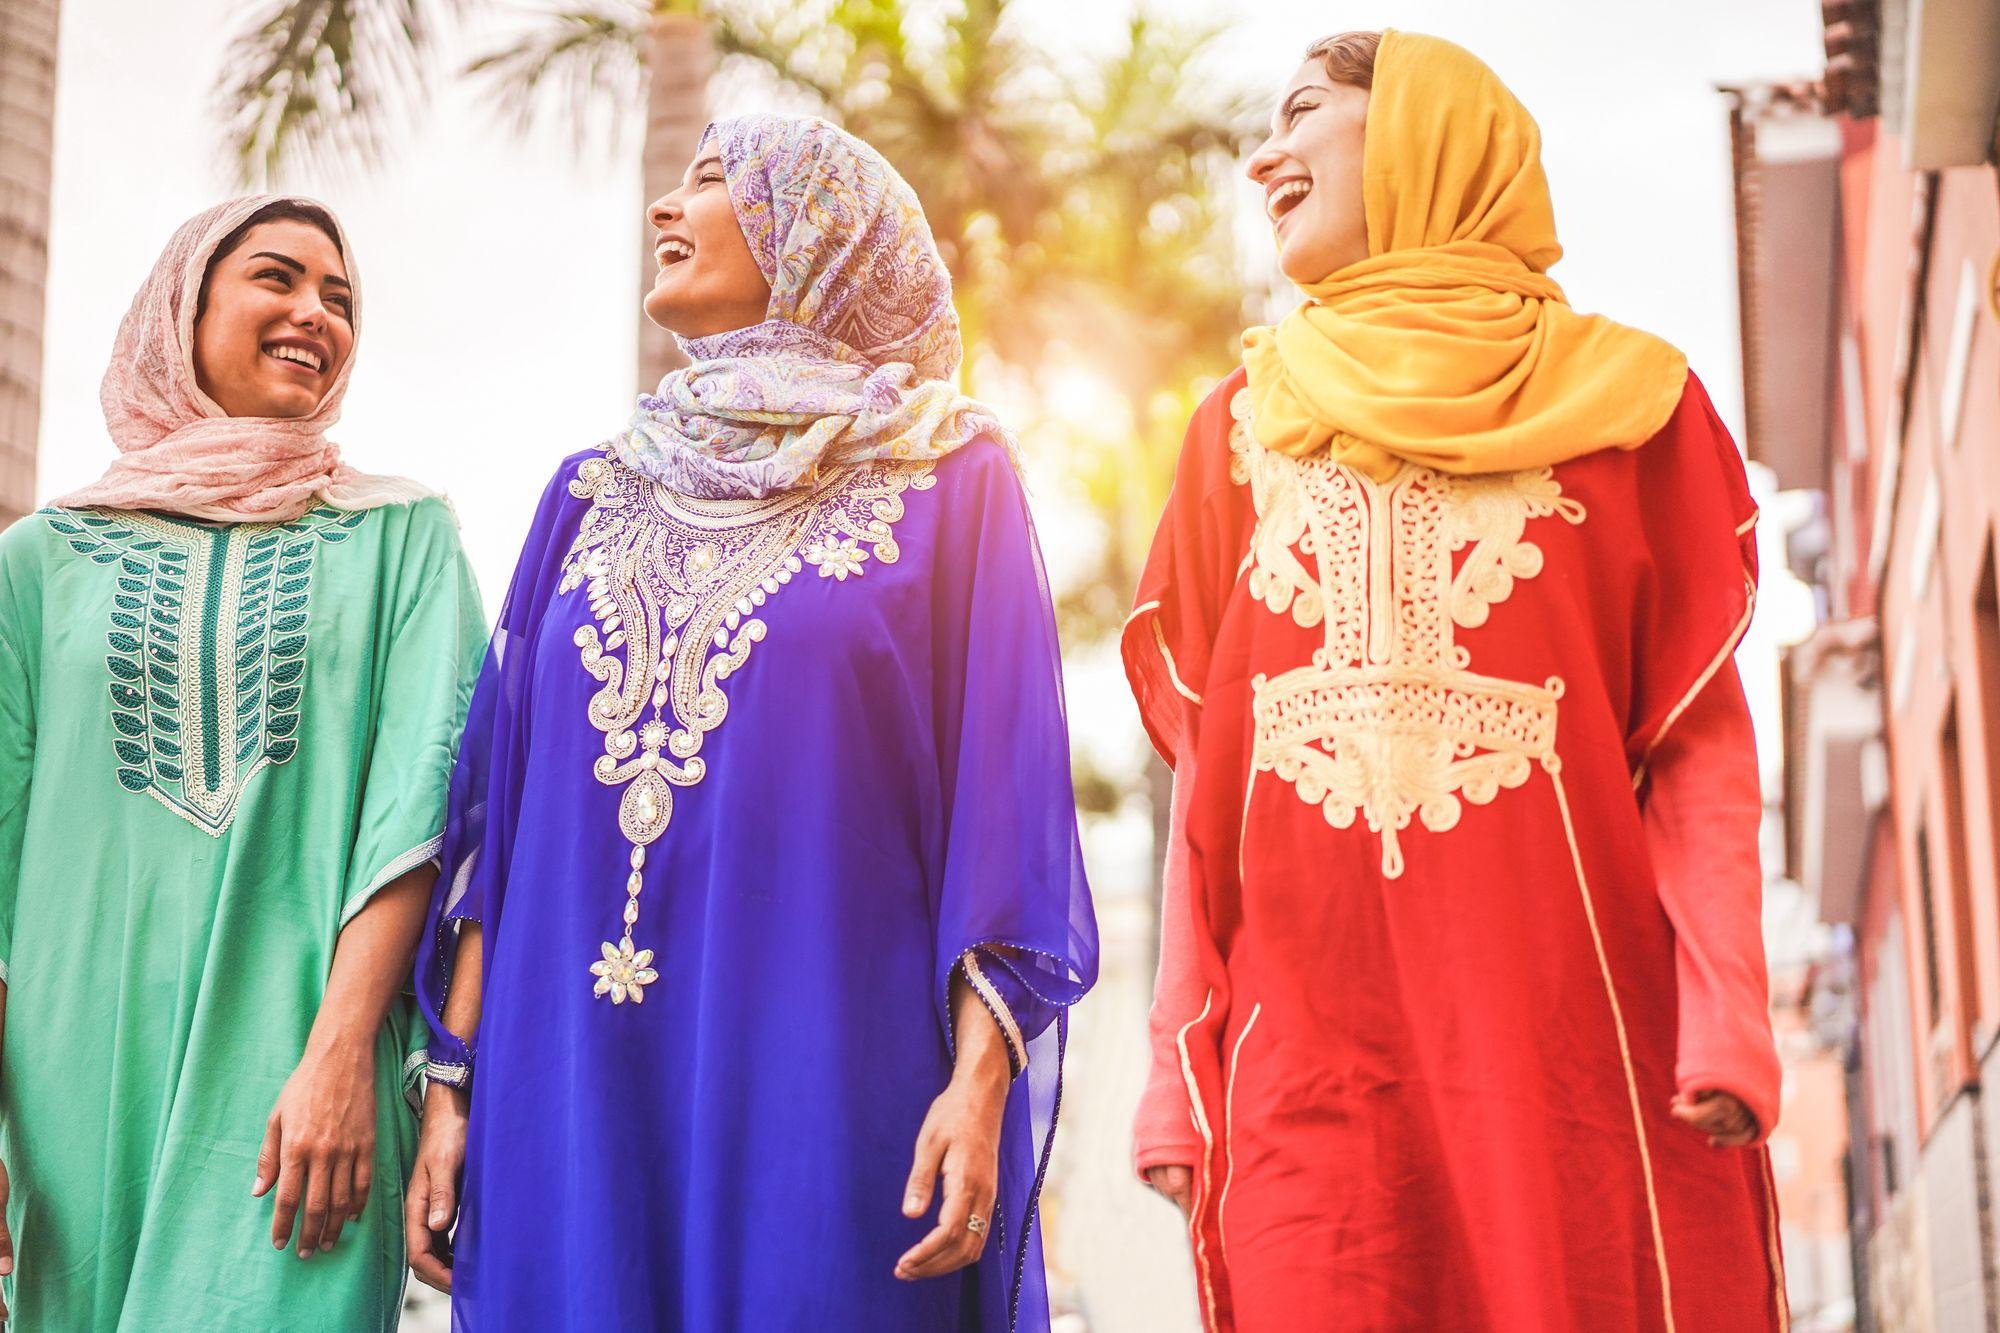 Renkli Fas Kıyafetleri